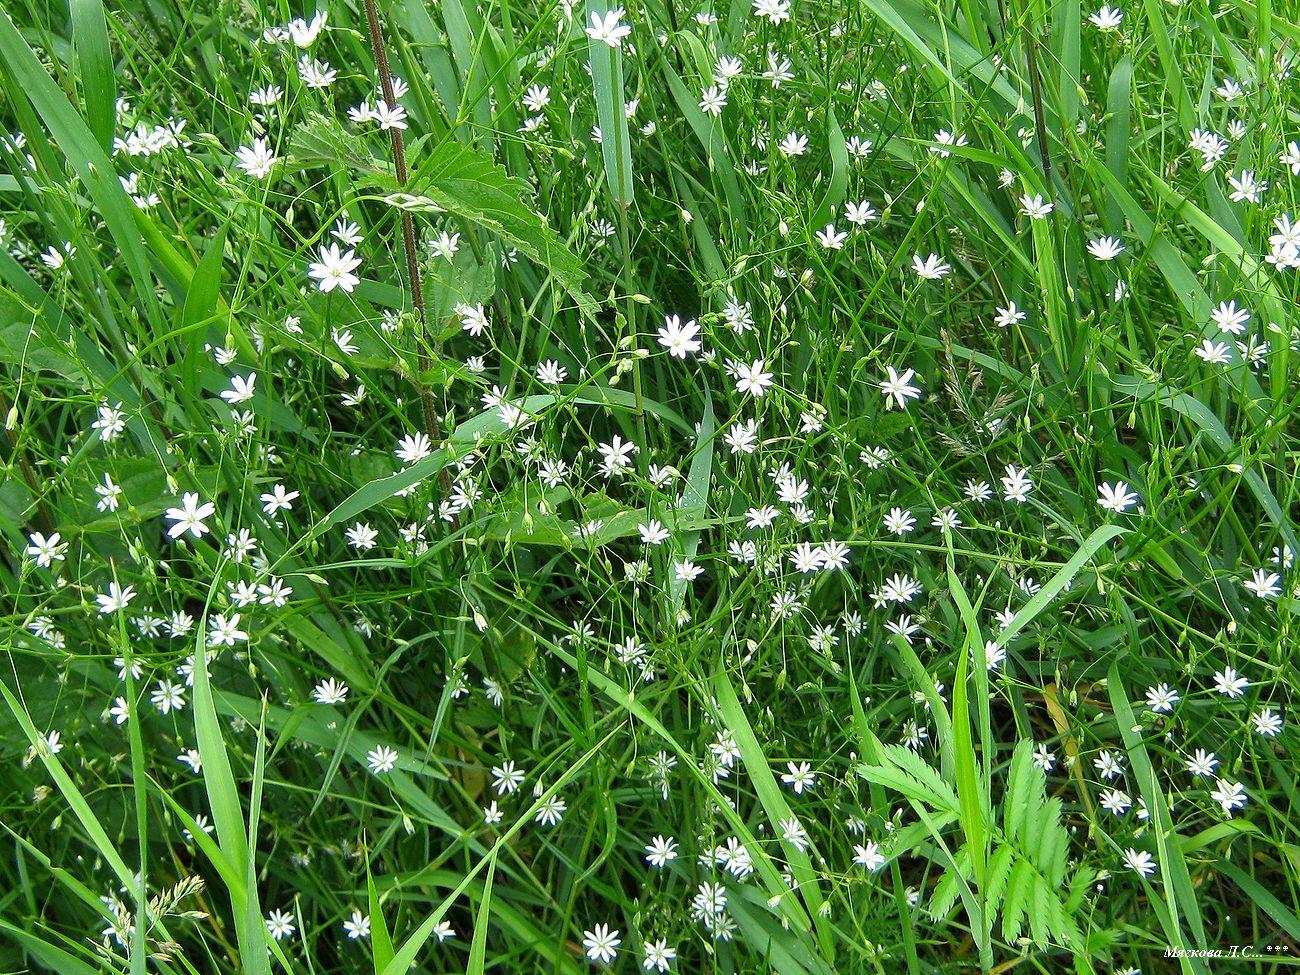 00 звёзды в траве _6367.jpg